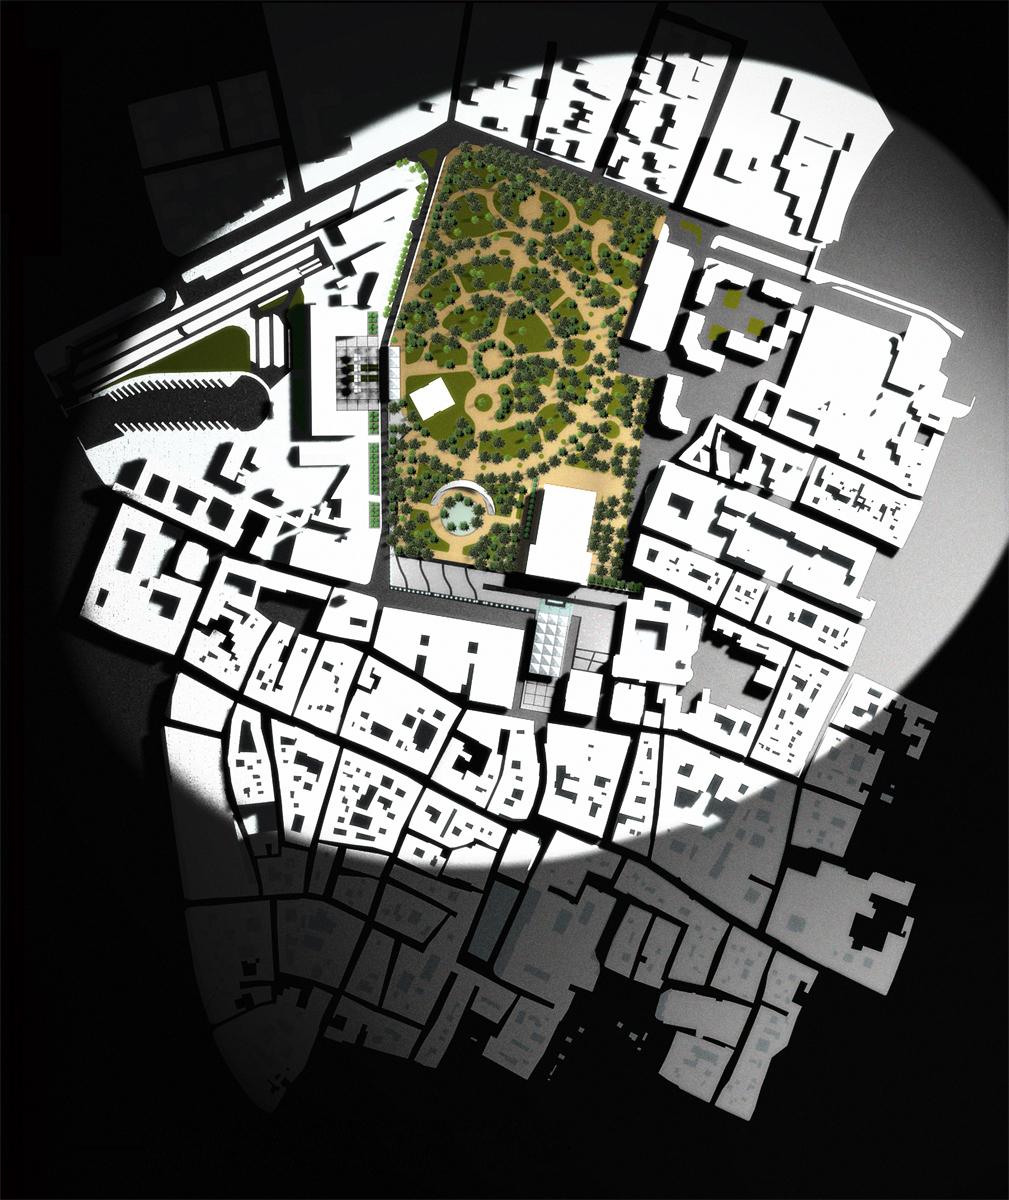 Reggio Emilia - Planivolumetrico dell'intervento urbanistico con individuazione del parco della Resistenza - Tommaso Vecci